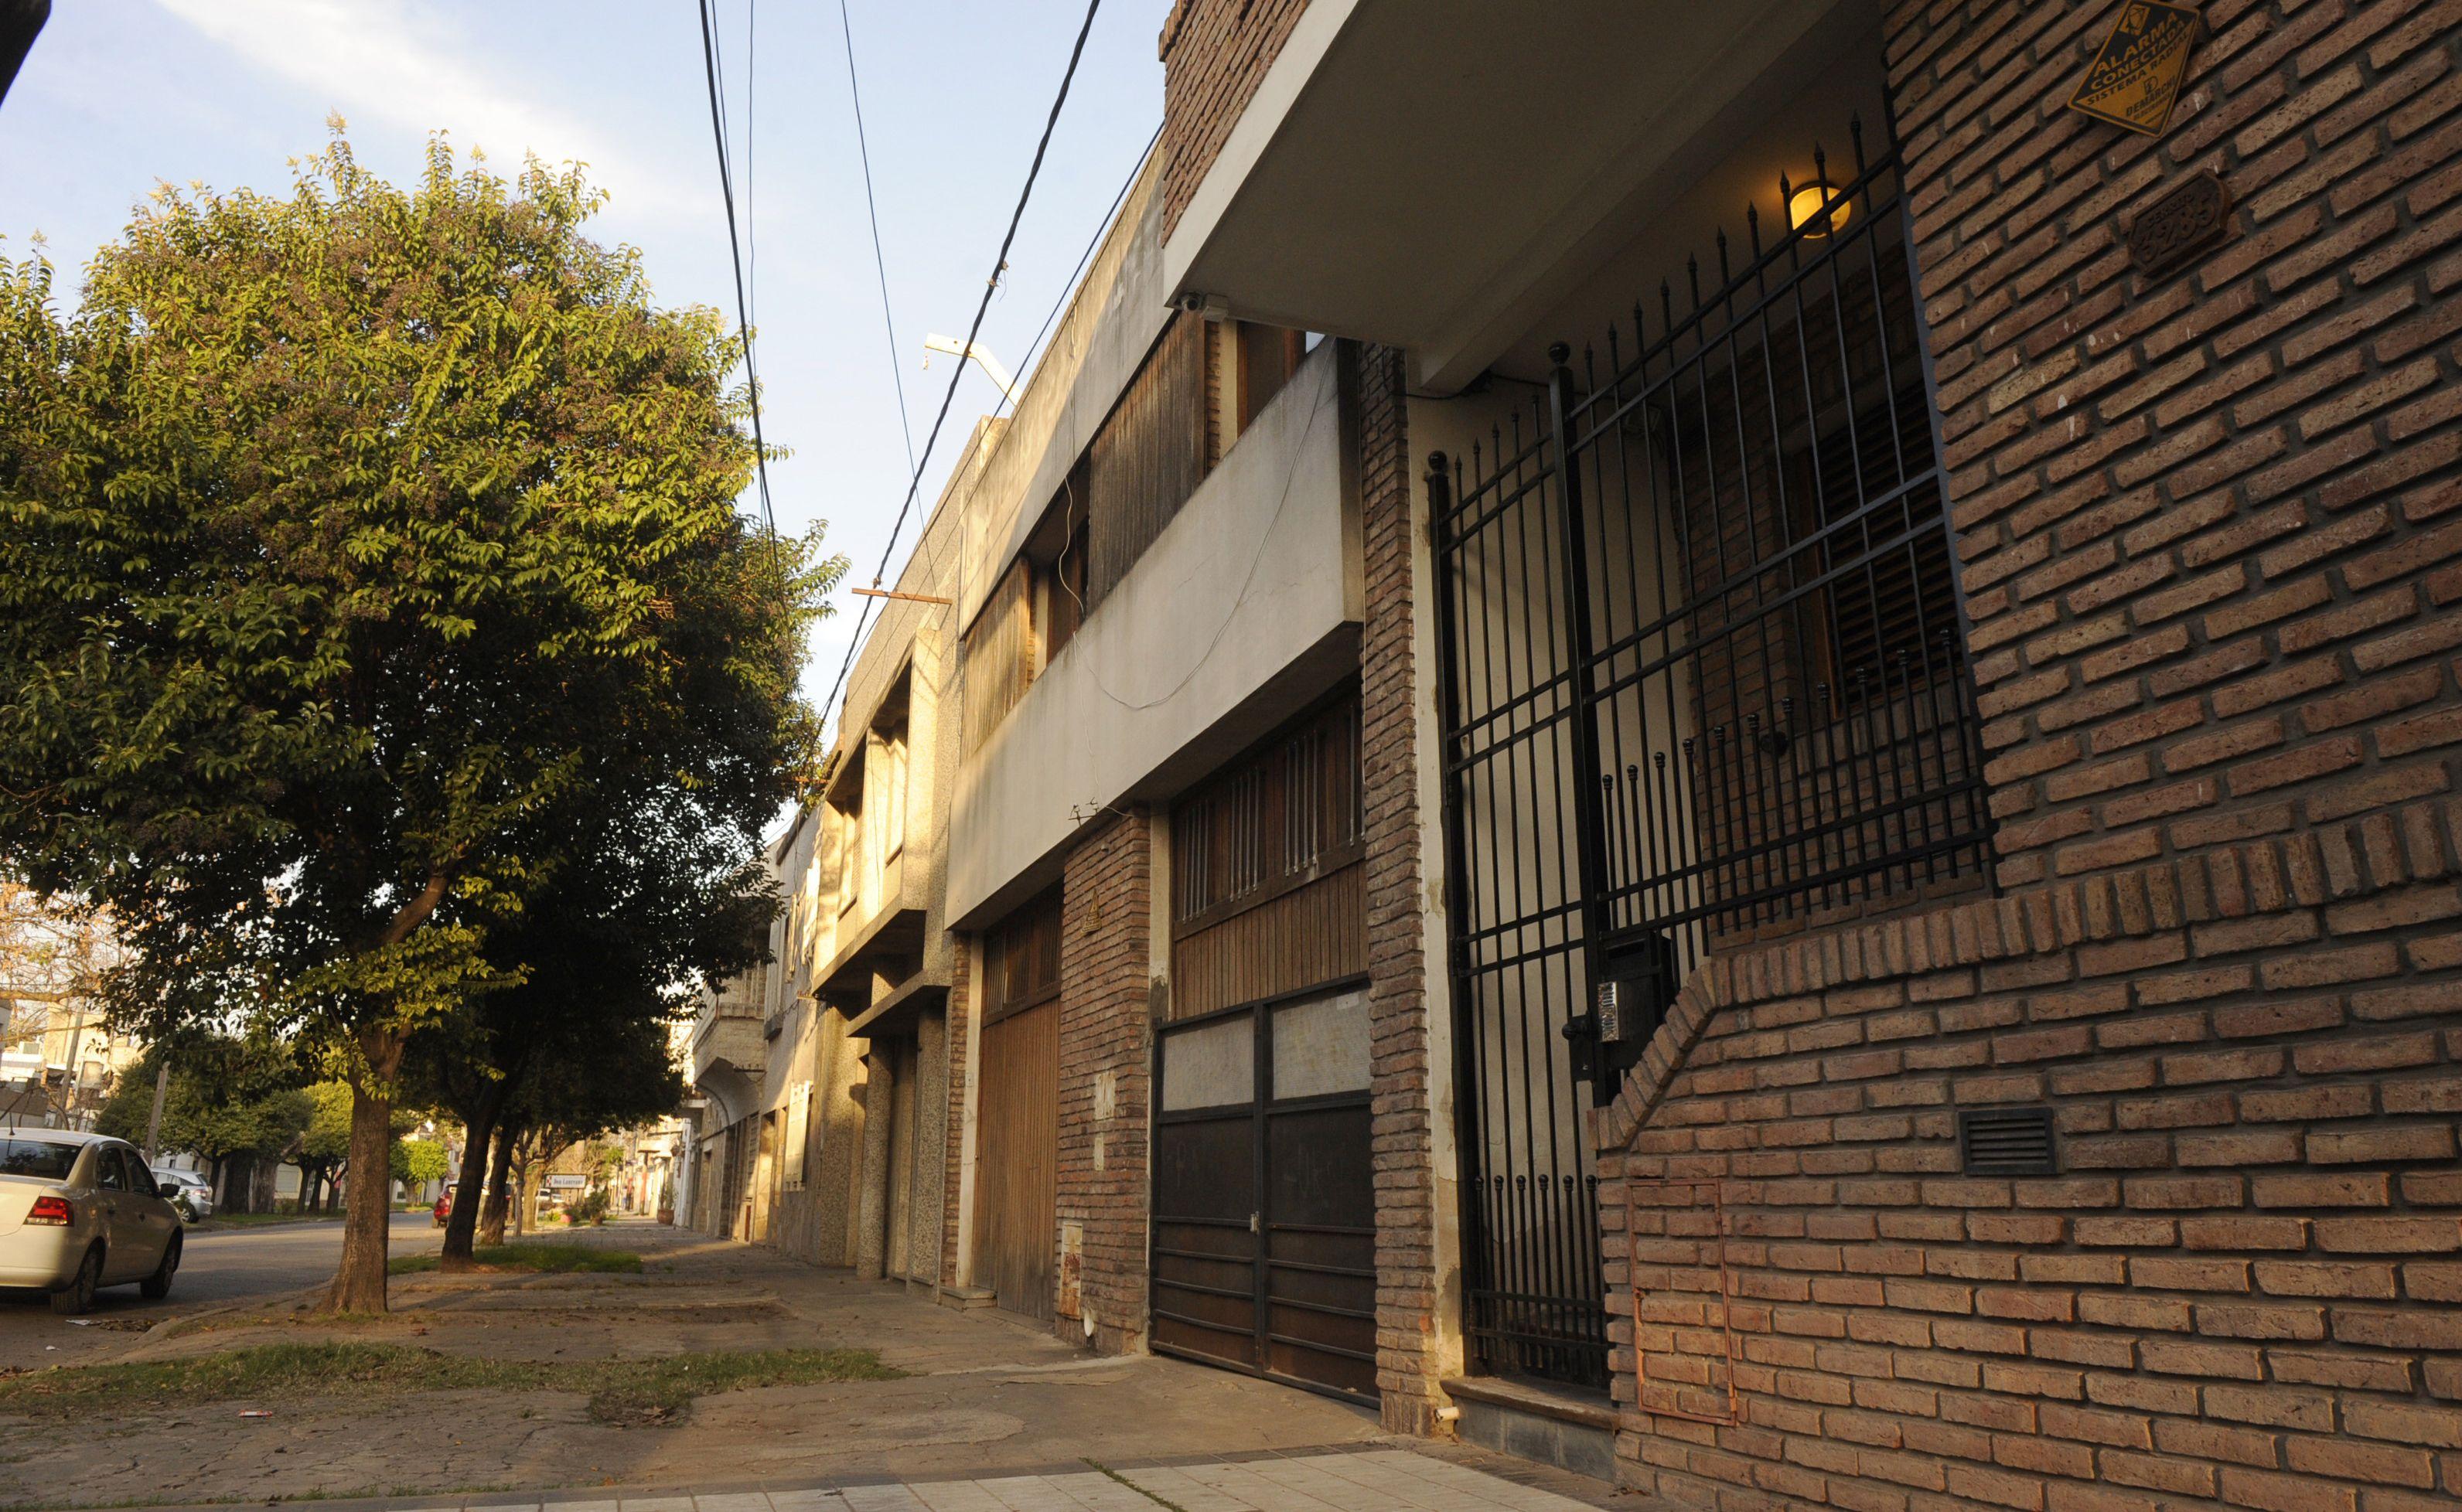 Con las llaves. Ninguna de las aberturas de la casa de Cerrito al 3200 fue violentada por los maleantes.